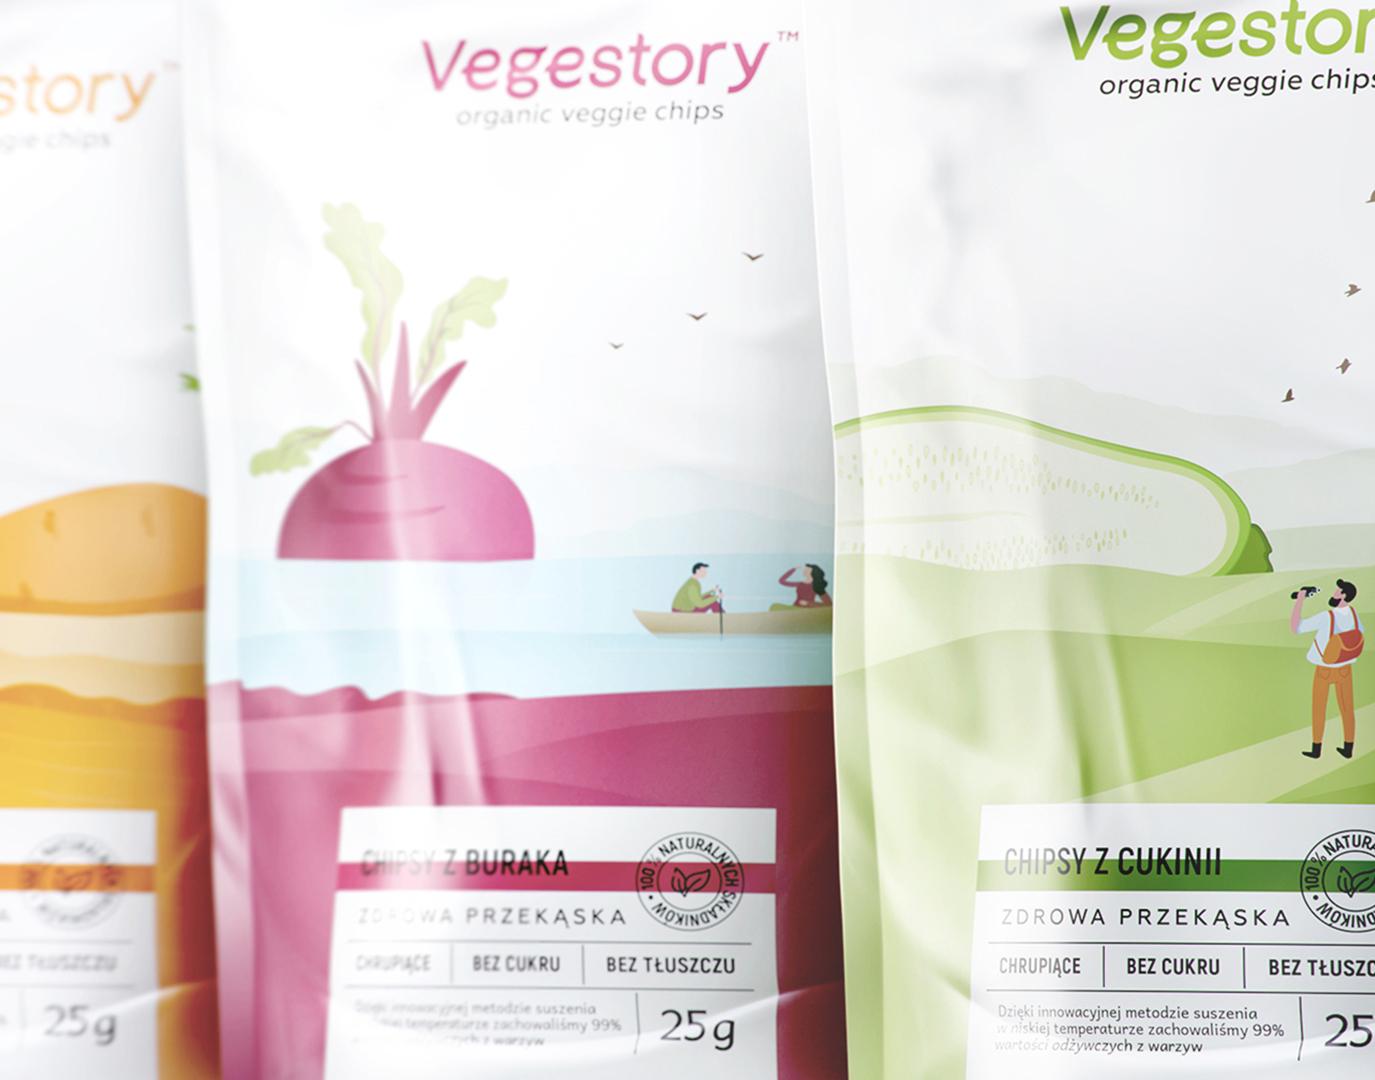 Vegestory